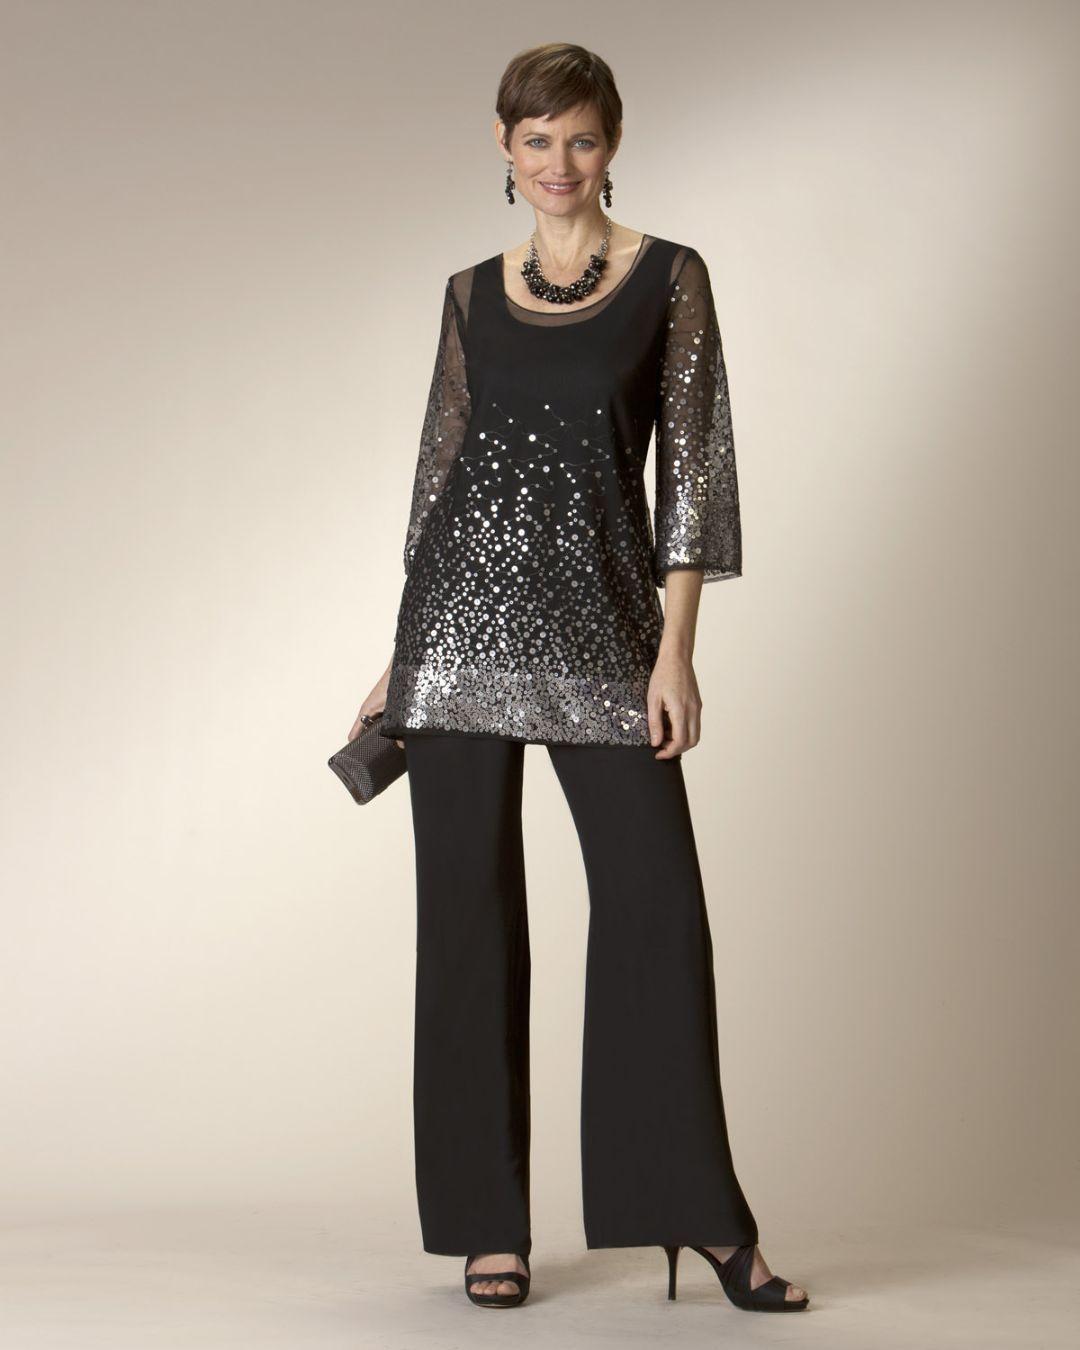 womens black dress pants | women pants | Pinterest | Dress pants ...